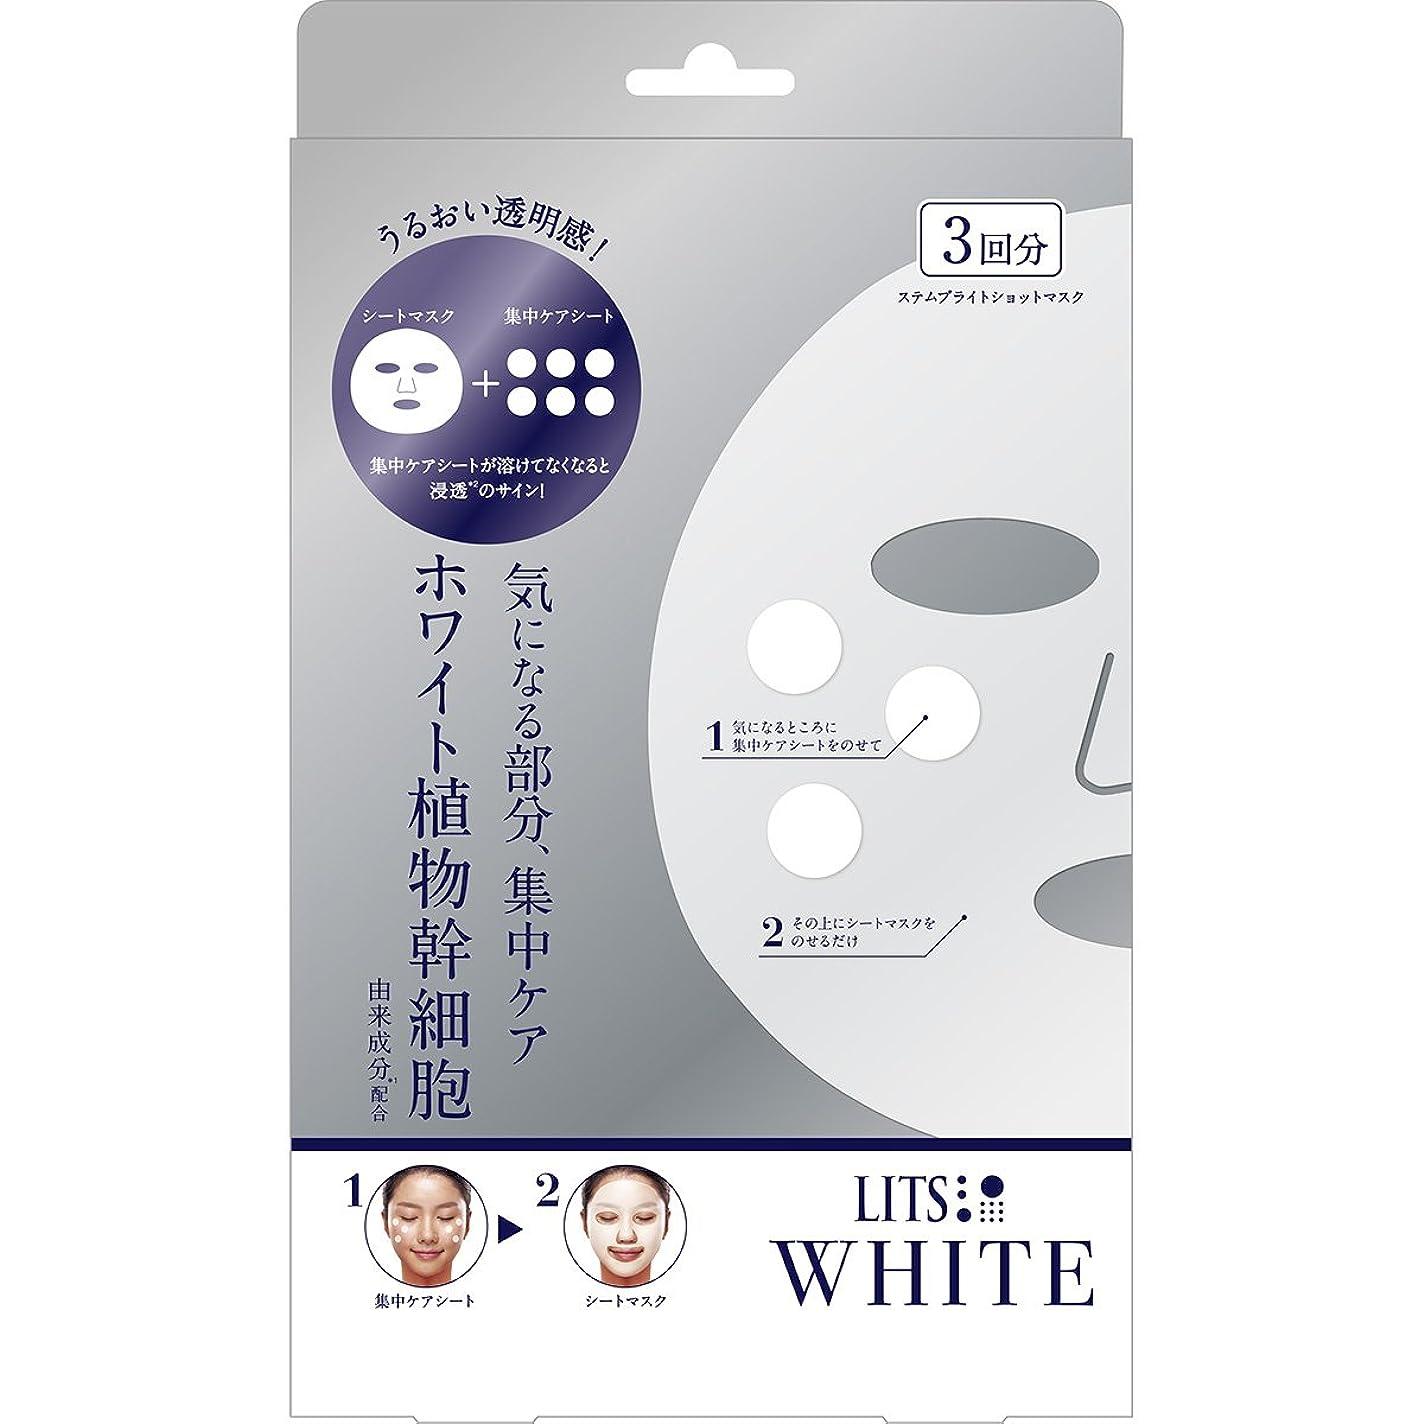 平衡流用する精通したリッツ ホワイト ステム ブライトショット フェイスマスク 3回分